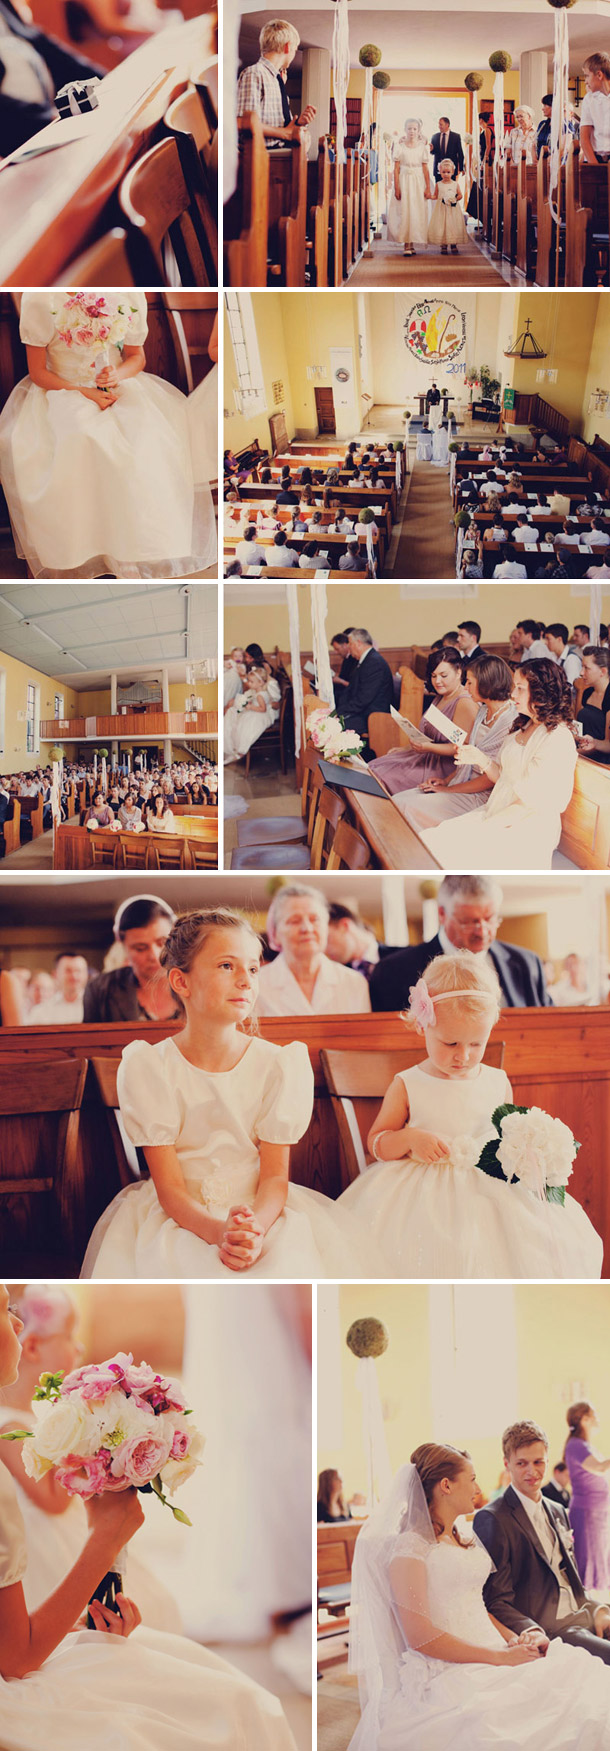 Joahnna und Johanns Hochzeit bei Xenia Berg